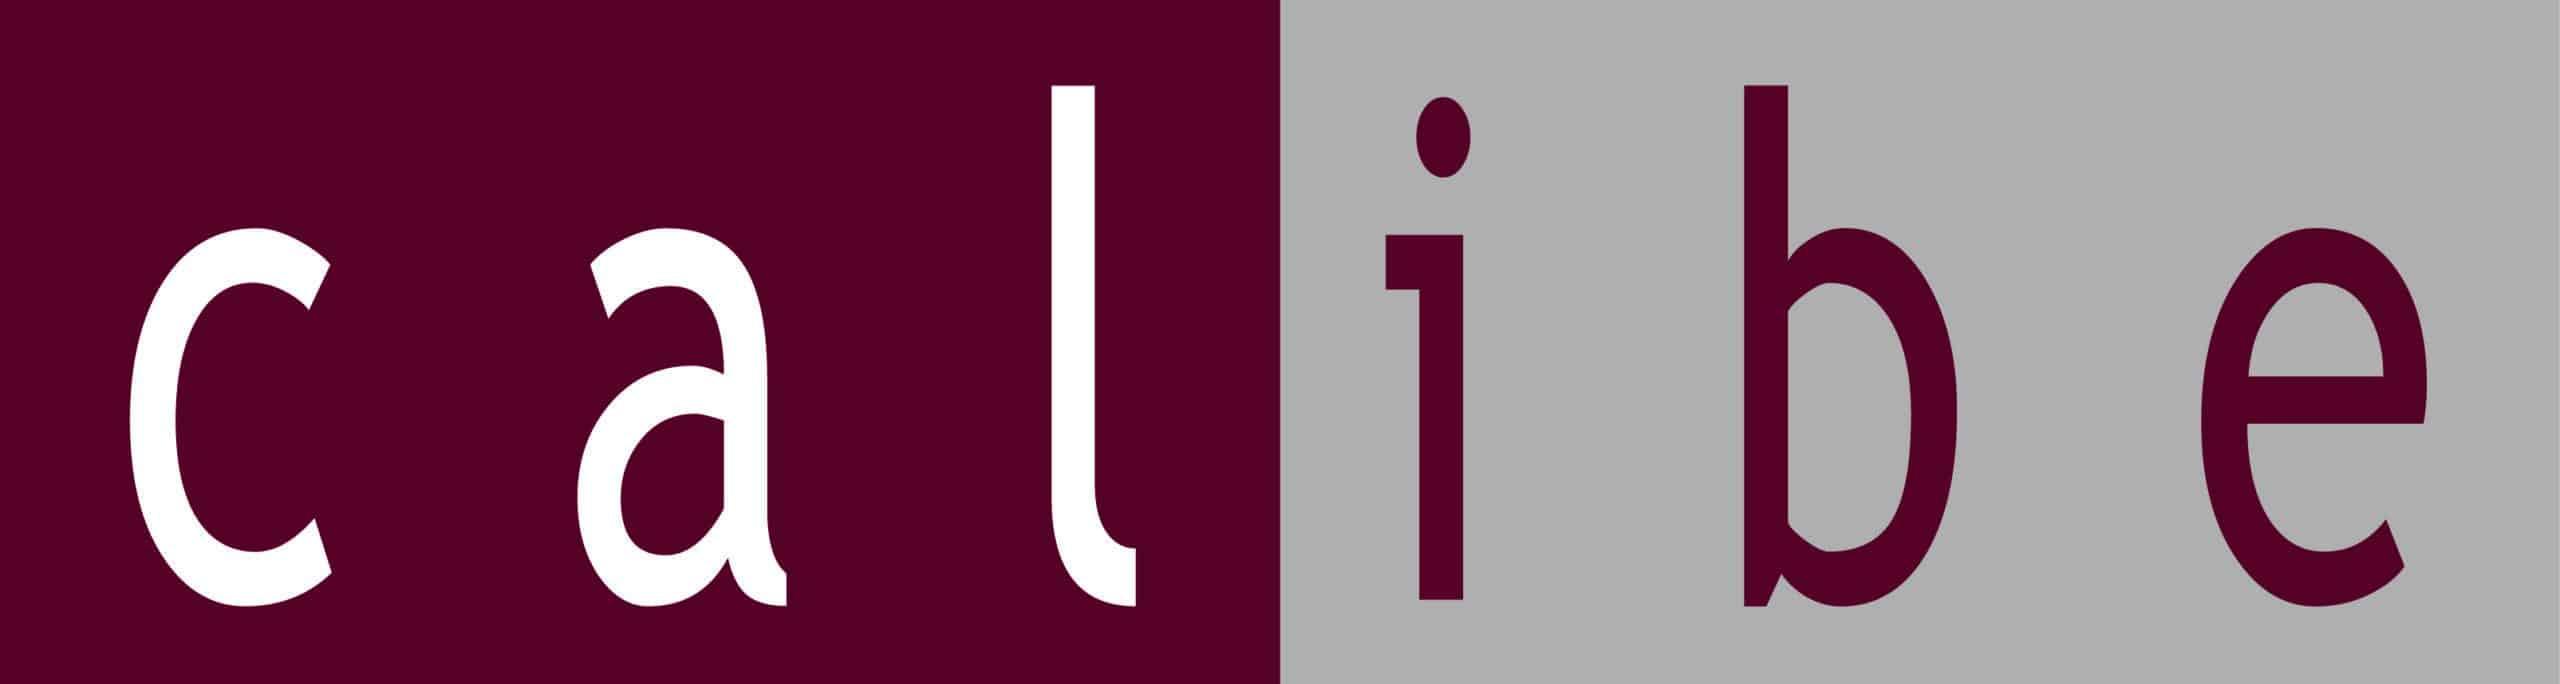 CALIBE_Logo.jpg